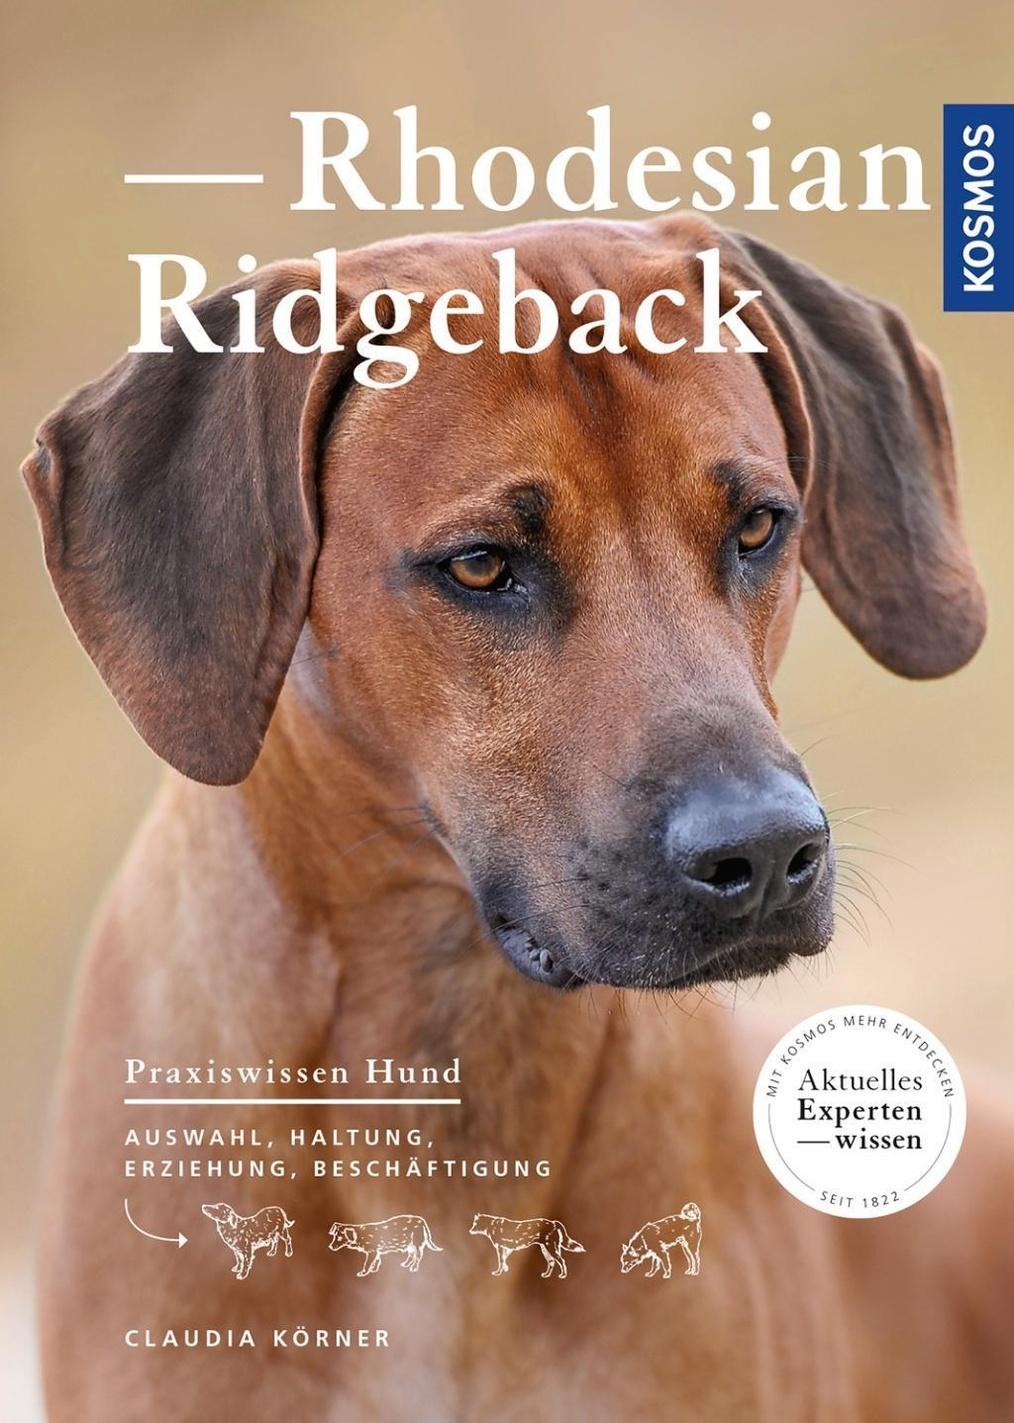 Rhodesian Ridgeback Buch Von Claudia Korner Versandkostenfrei Bestellen